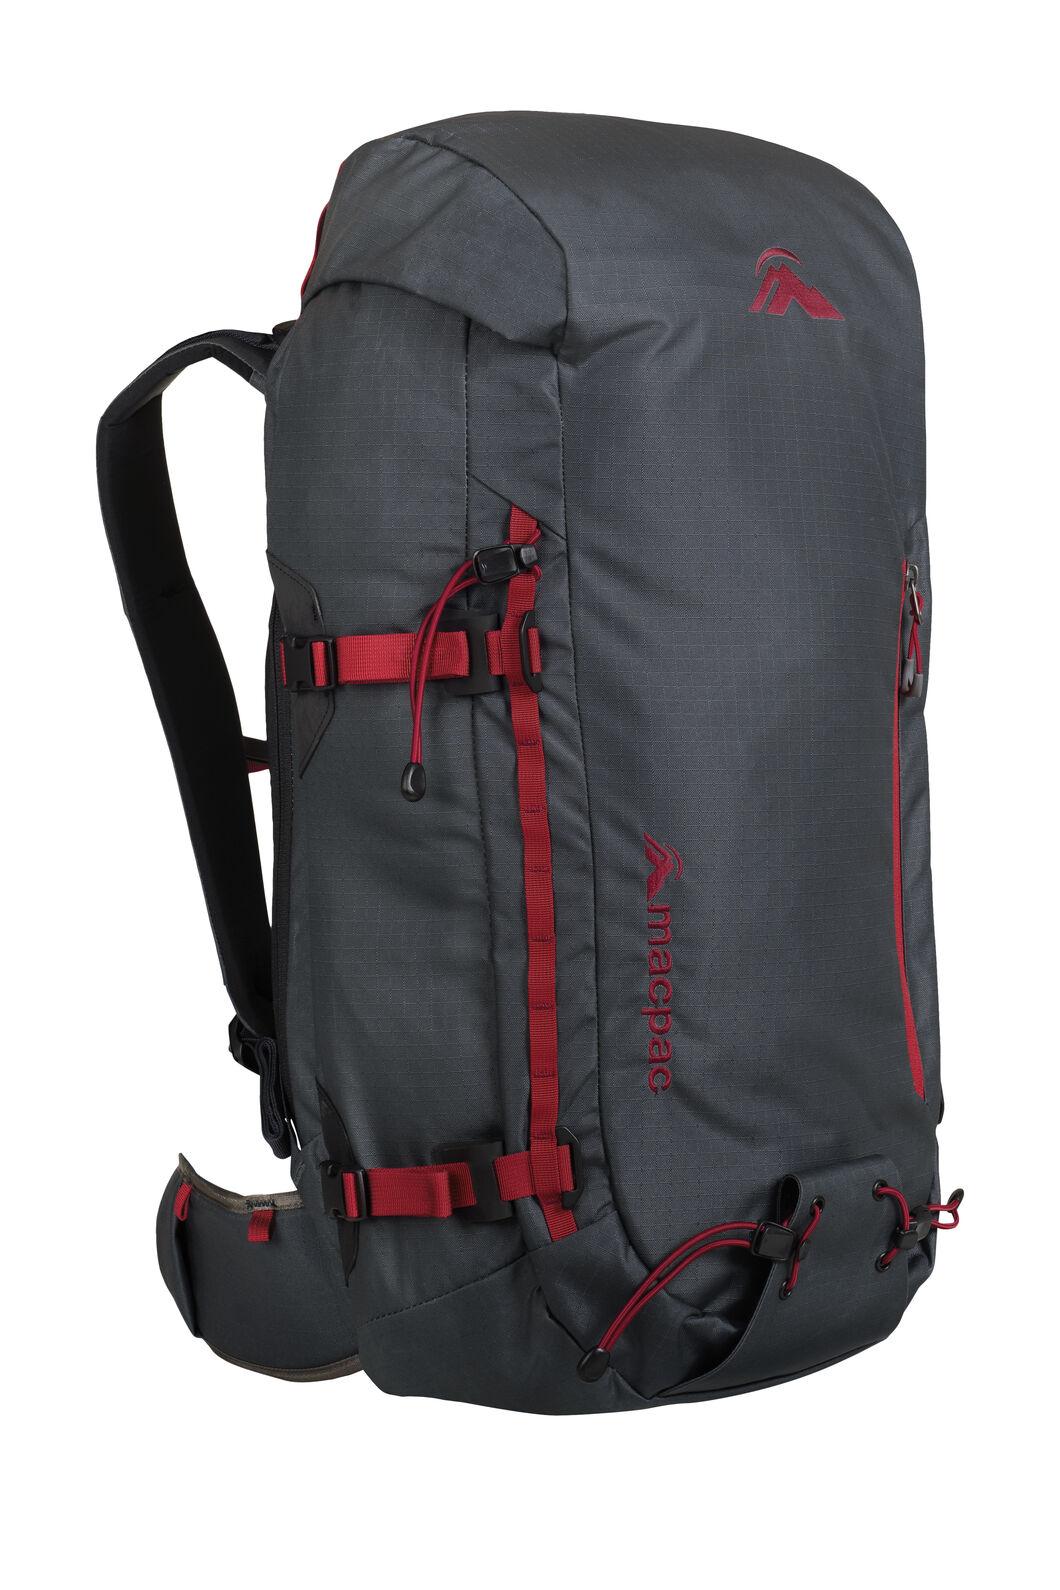 Macpac Huka 34L Ski Pack, India Ink, hi-res